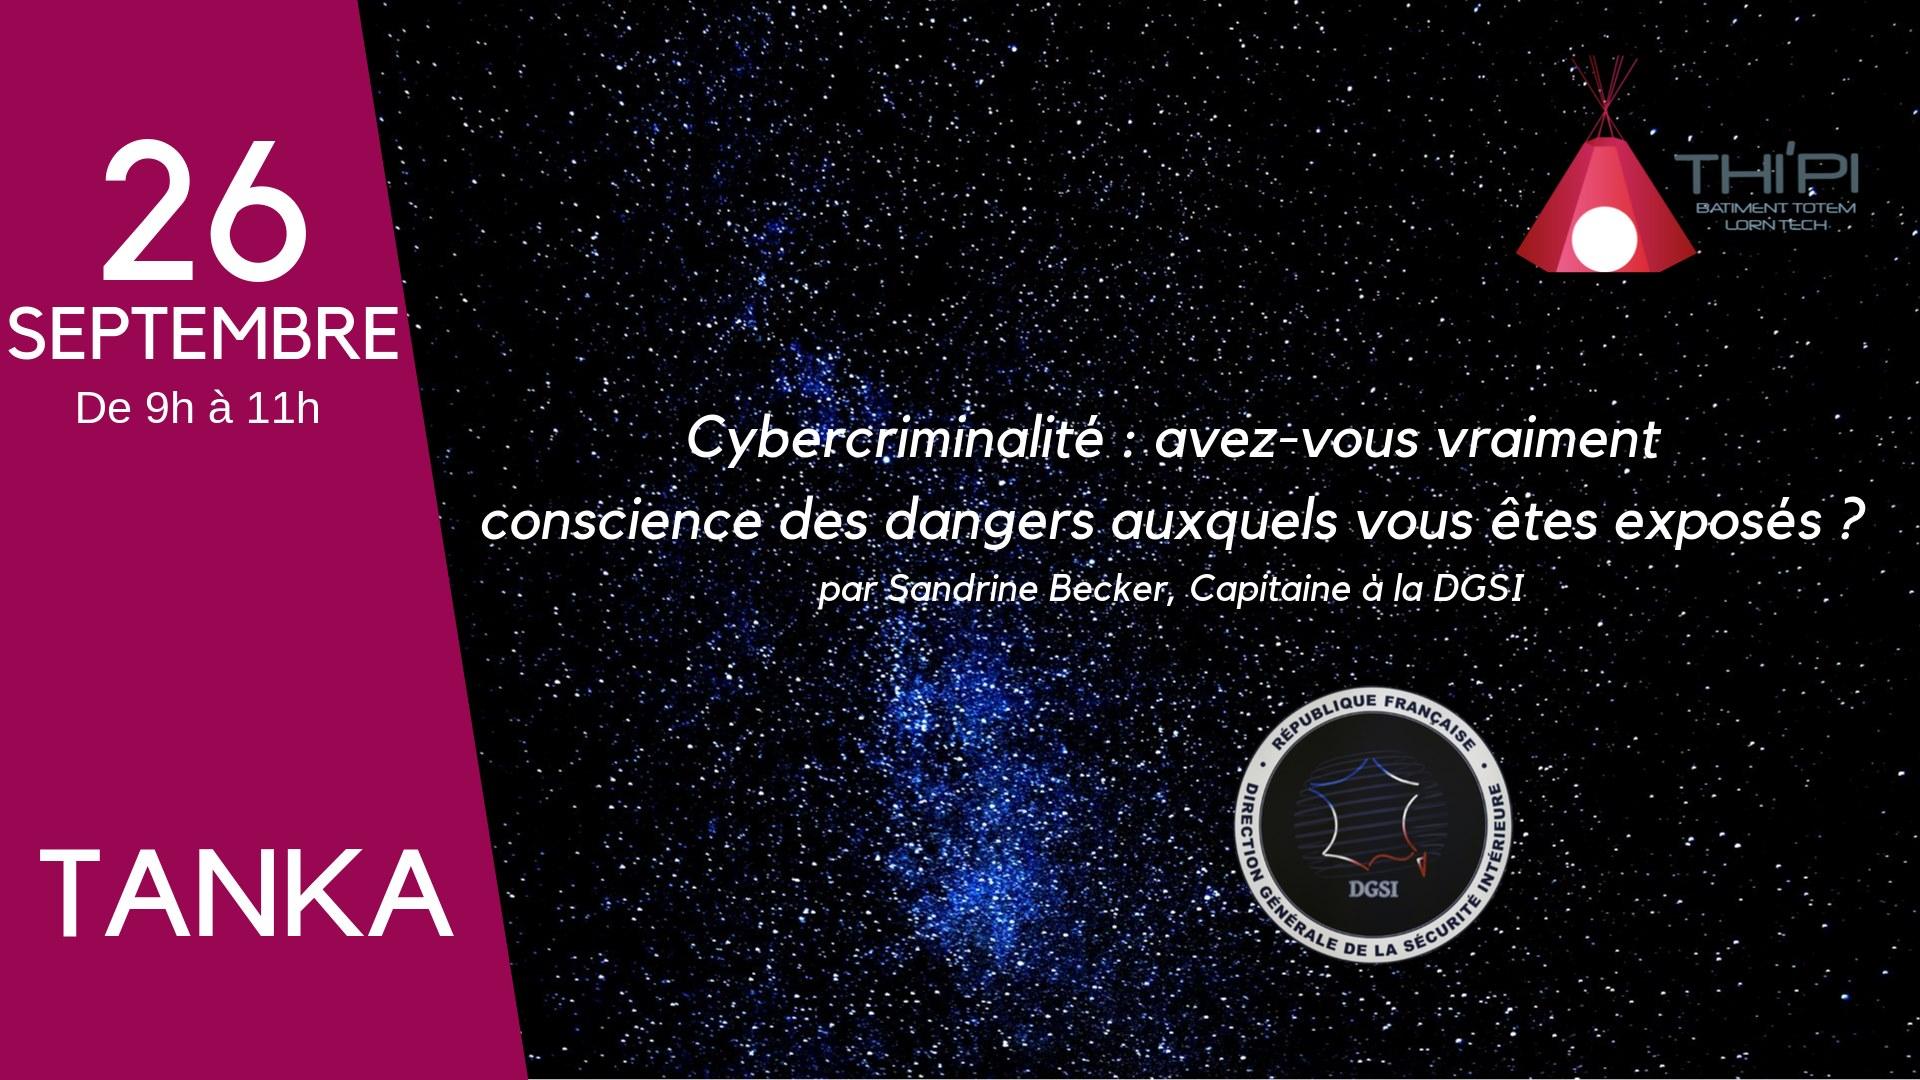 tanka 2019 - cybercriminalité